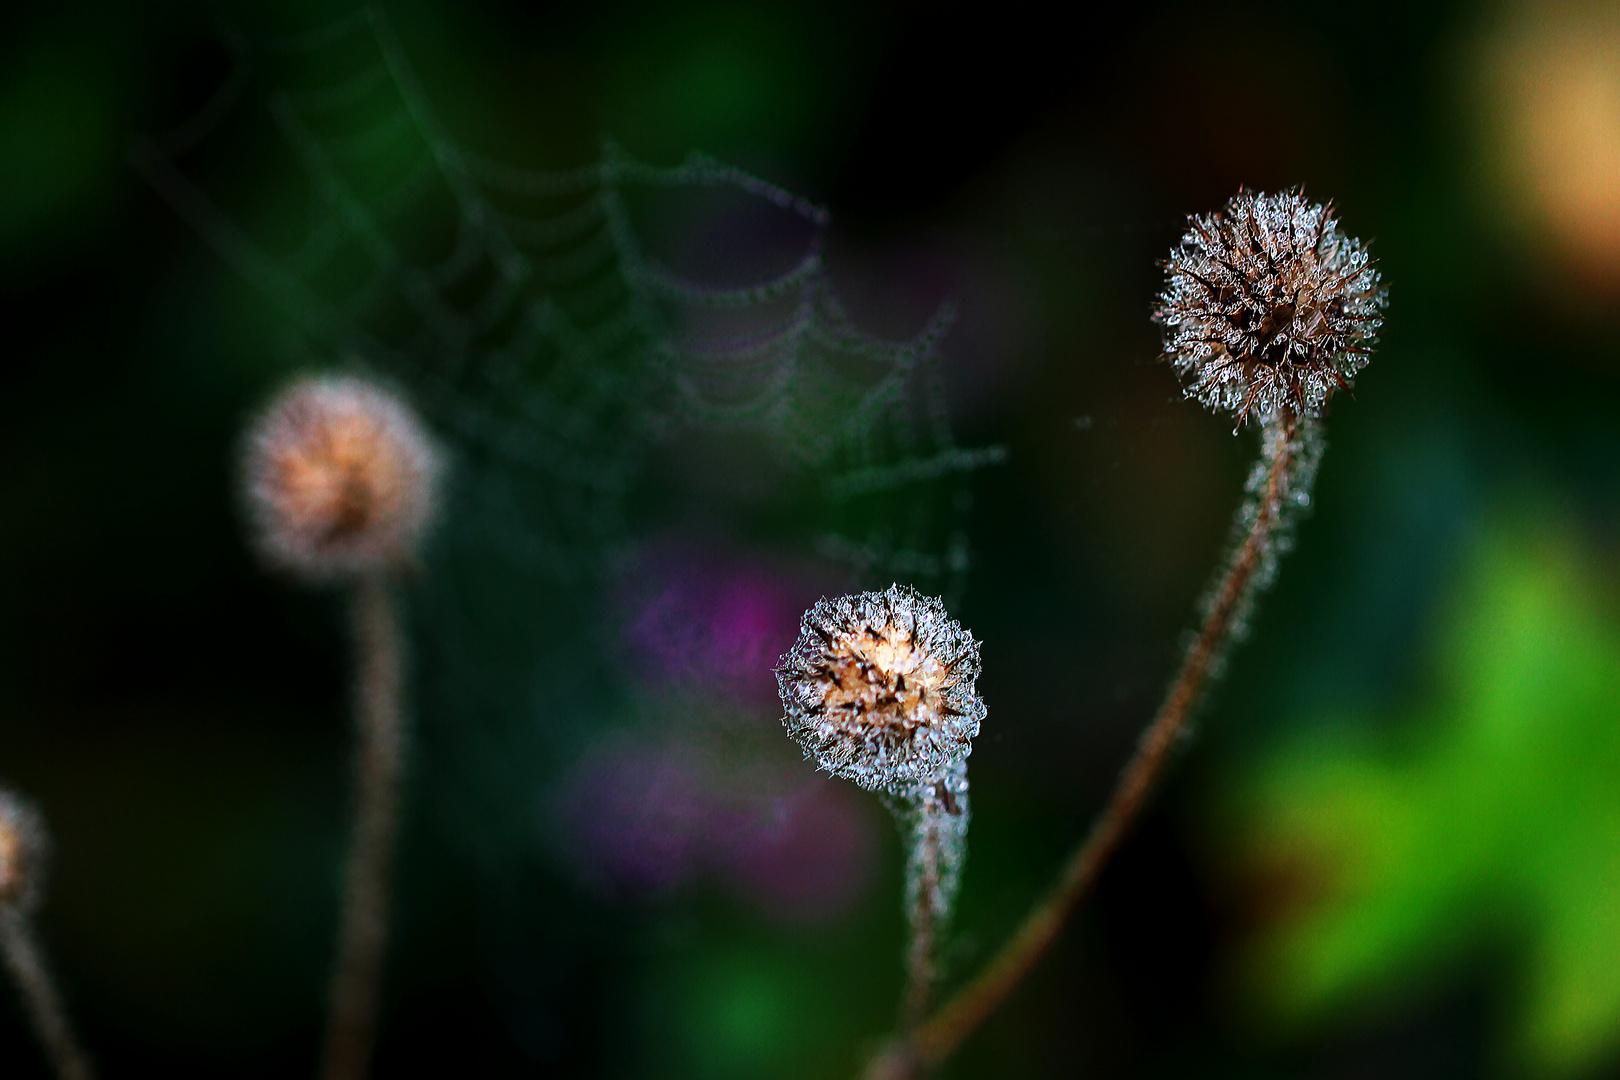 Diamanten bewacht von Spider